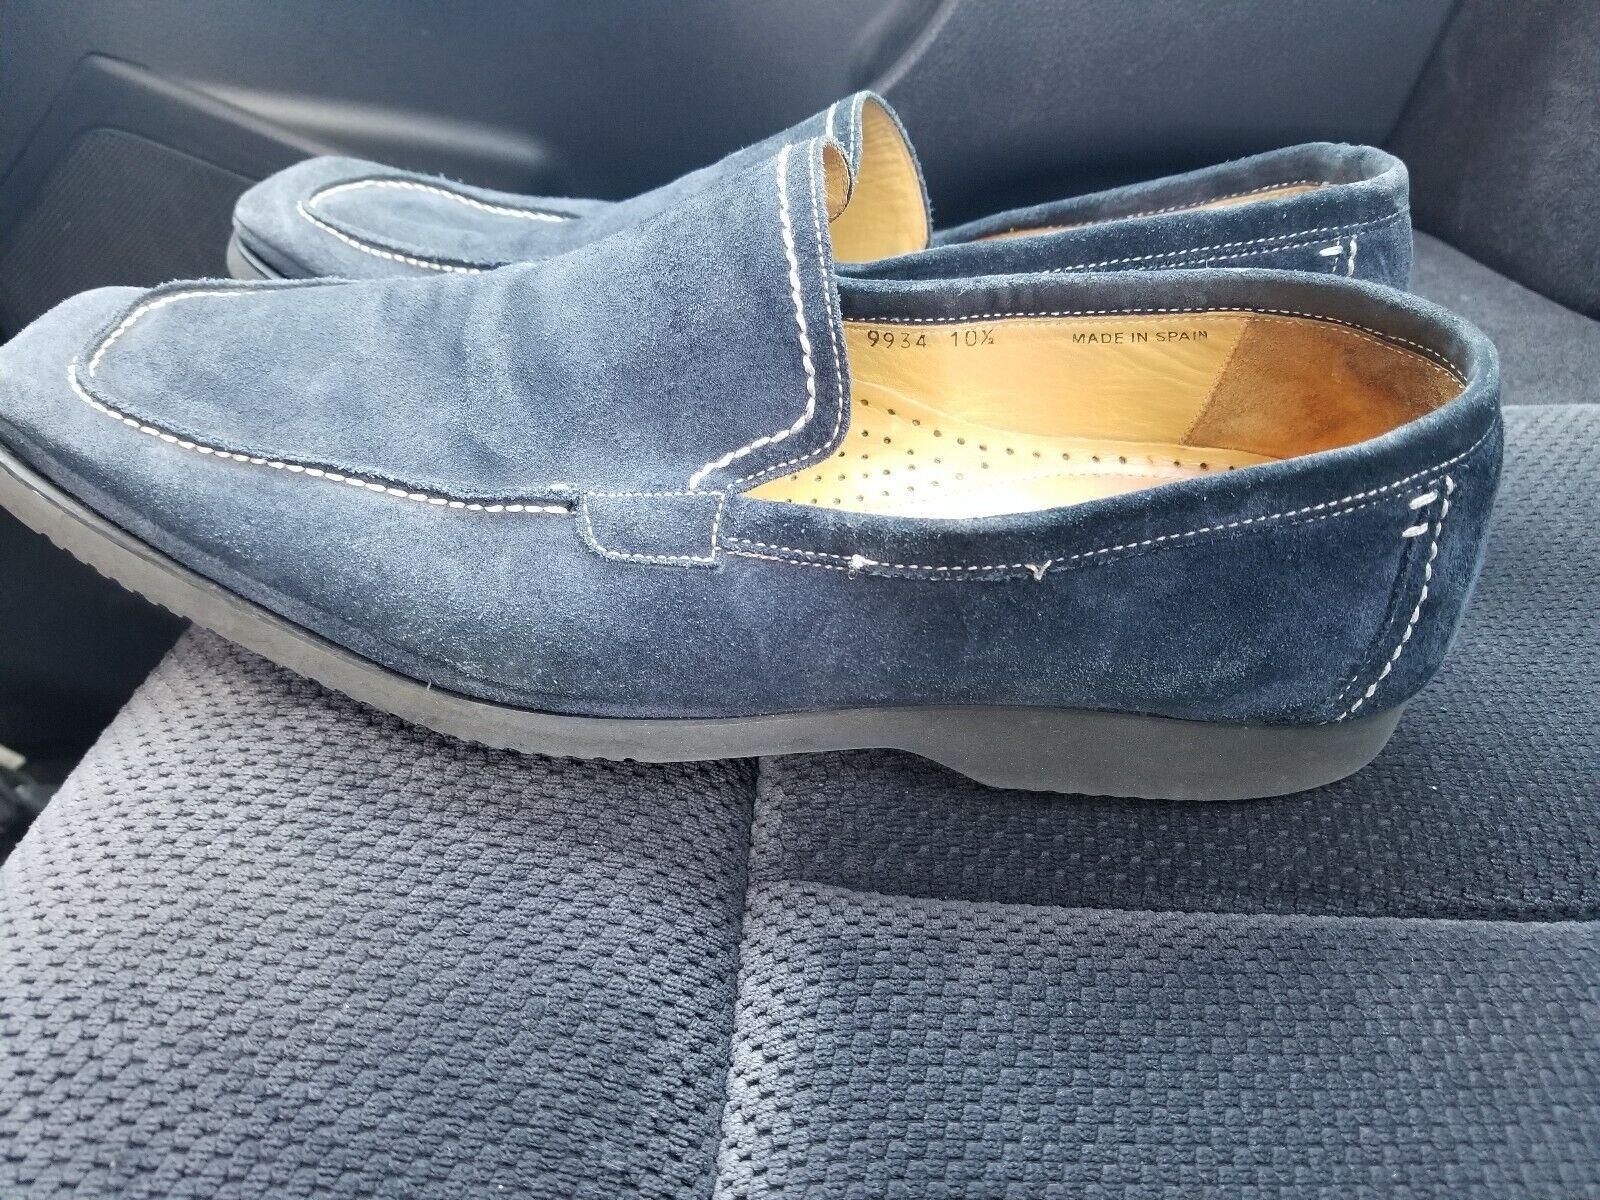 Magnanni bluee Suede Penny Loafer Slip-On Men's Size US 11 M